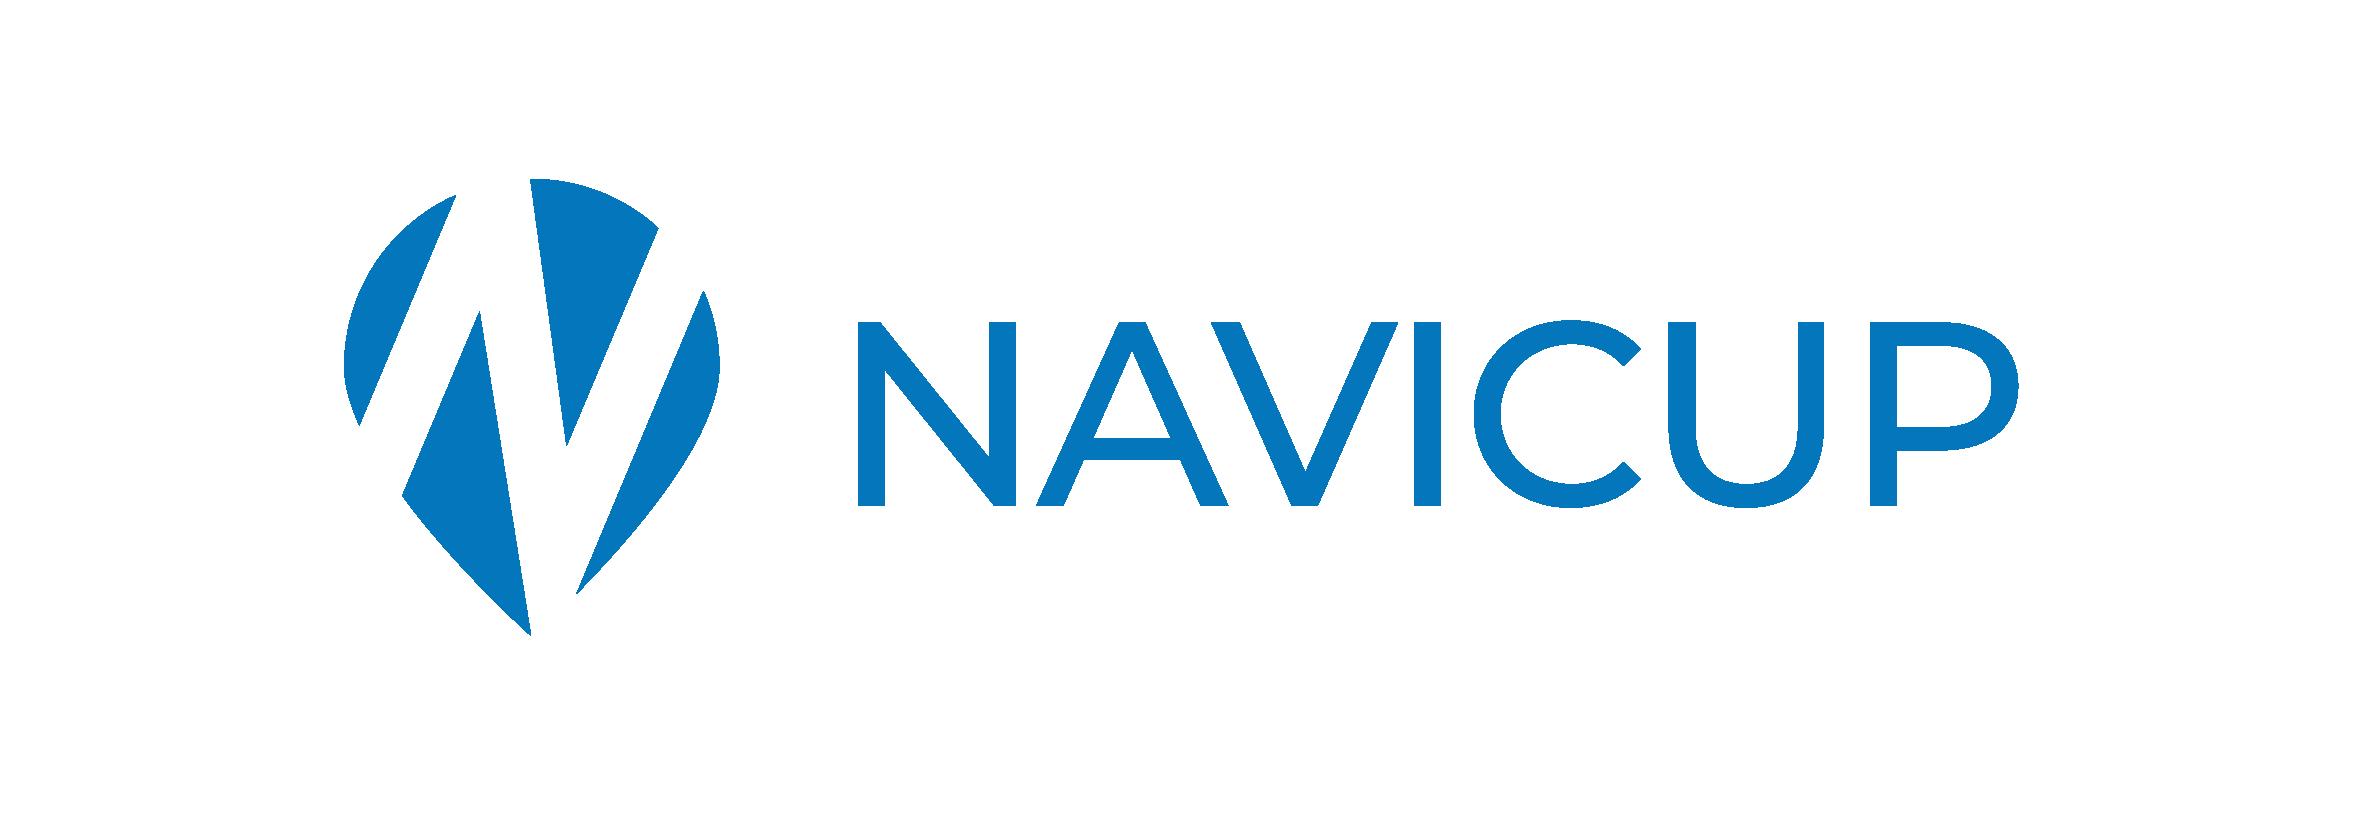 Navi Cup logo